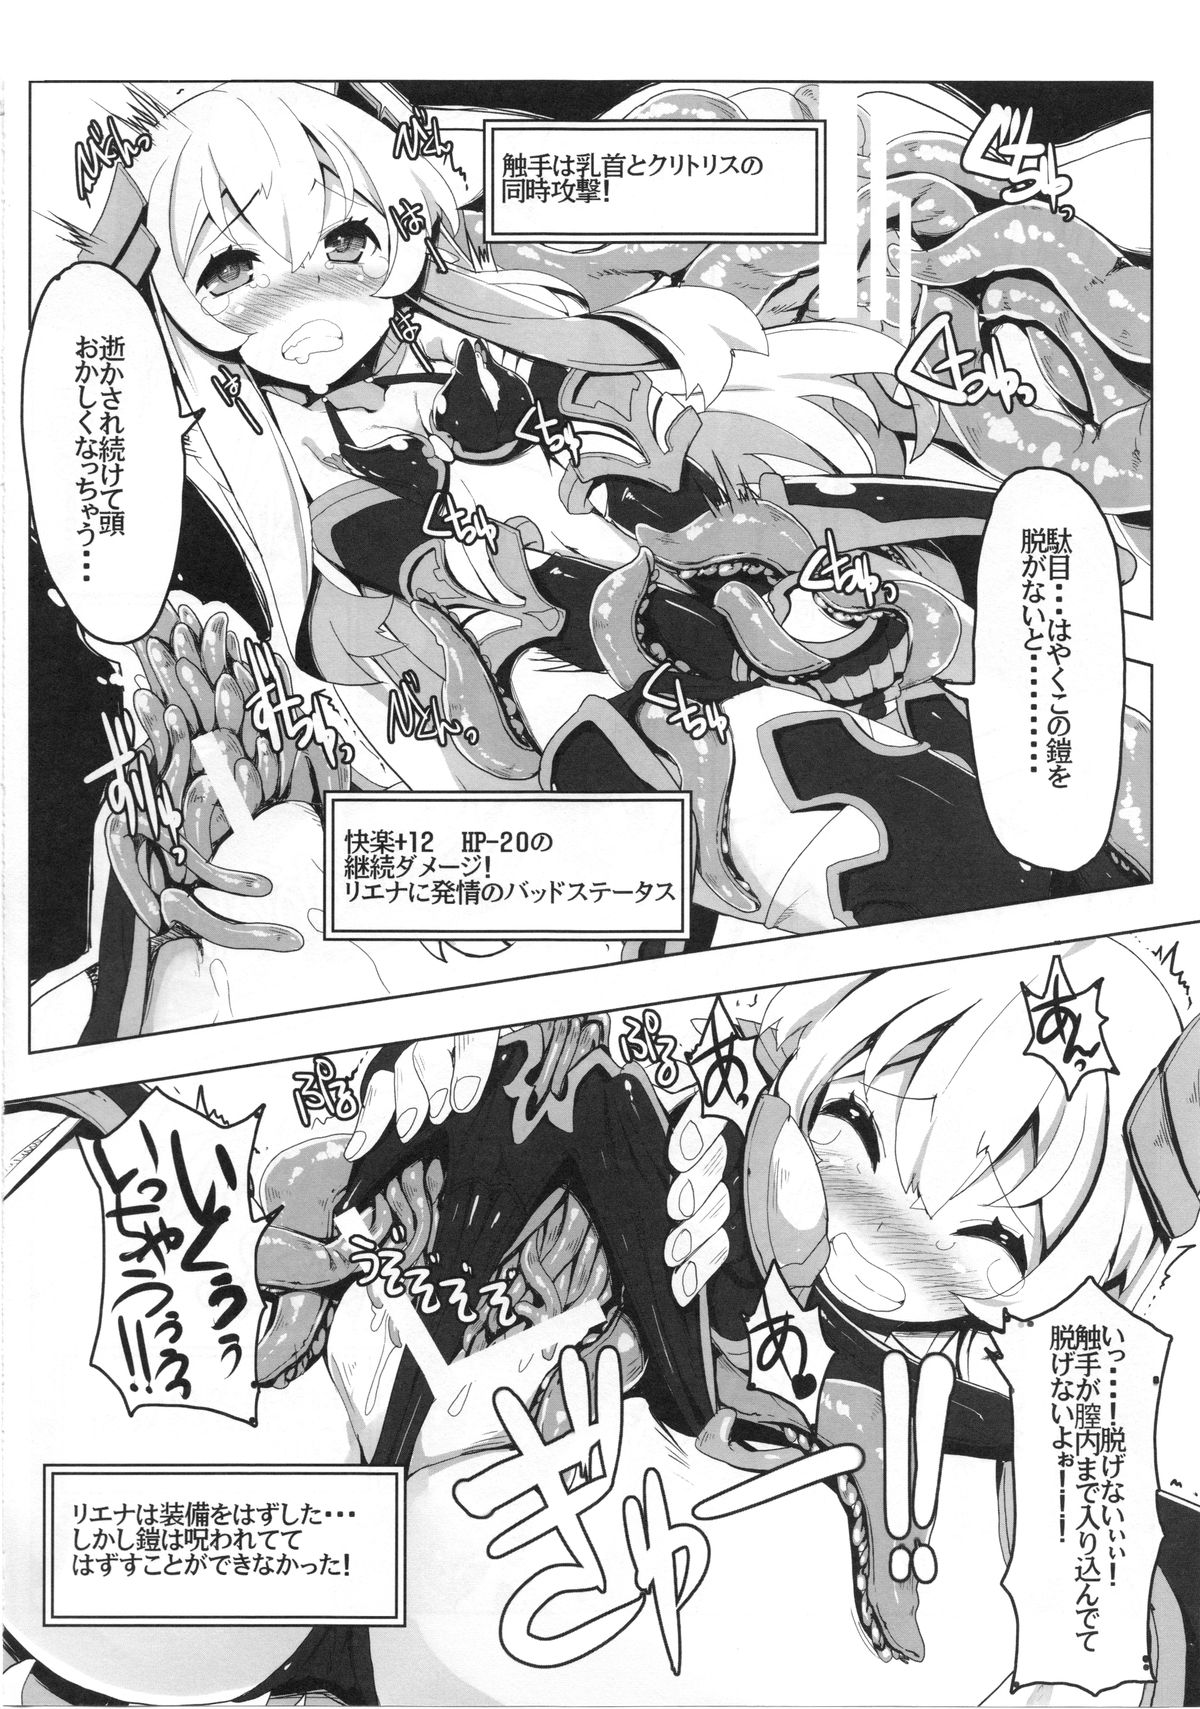 【エロ漫画・エロ同人】ちっぱいロリエルフがダンジョンに入って触手に襲われまくりw触手の巣に落ちたらマンコつかれまくりでHP0になっちゃったwww (10)